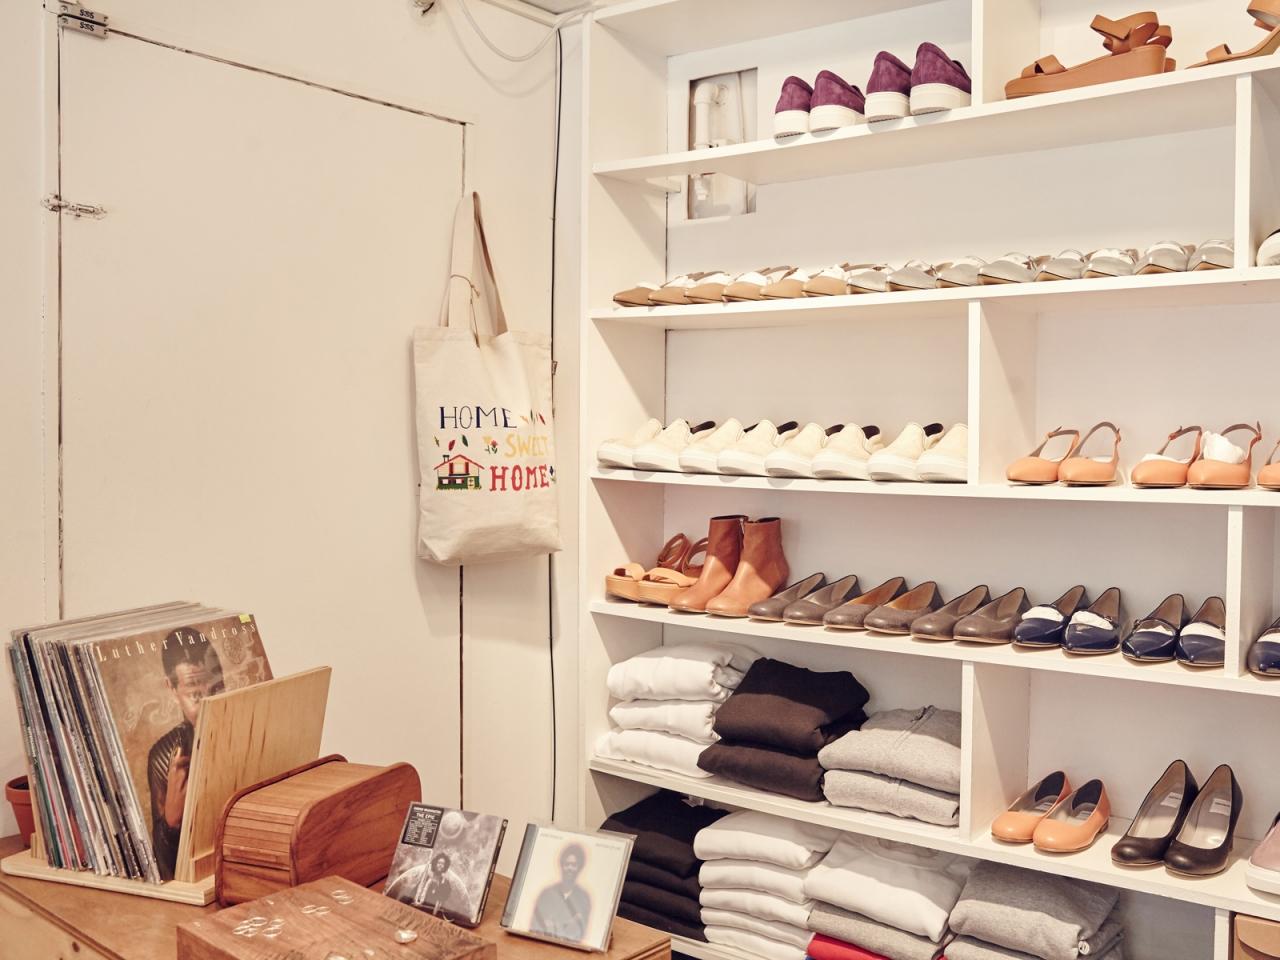 Pairs tập hợp mọi thứ mà giới trẻ yêu thích, từ áo phông logo, giày boots cho đến sneakers.